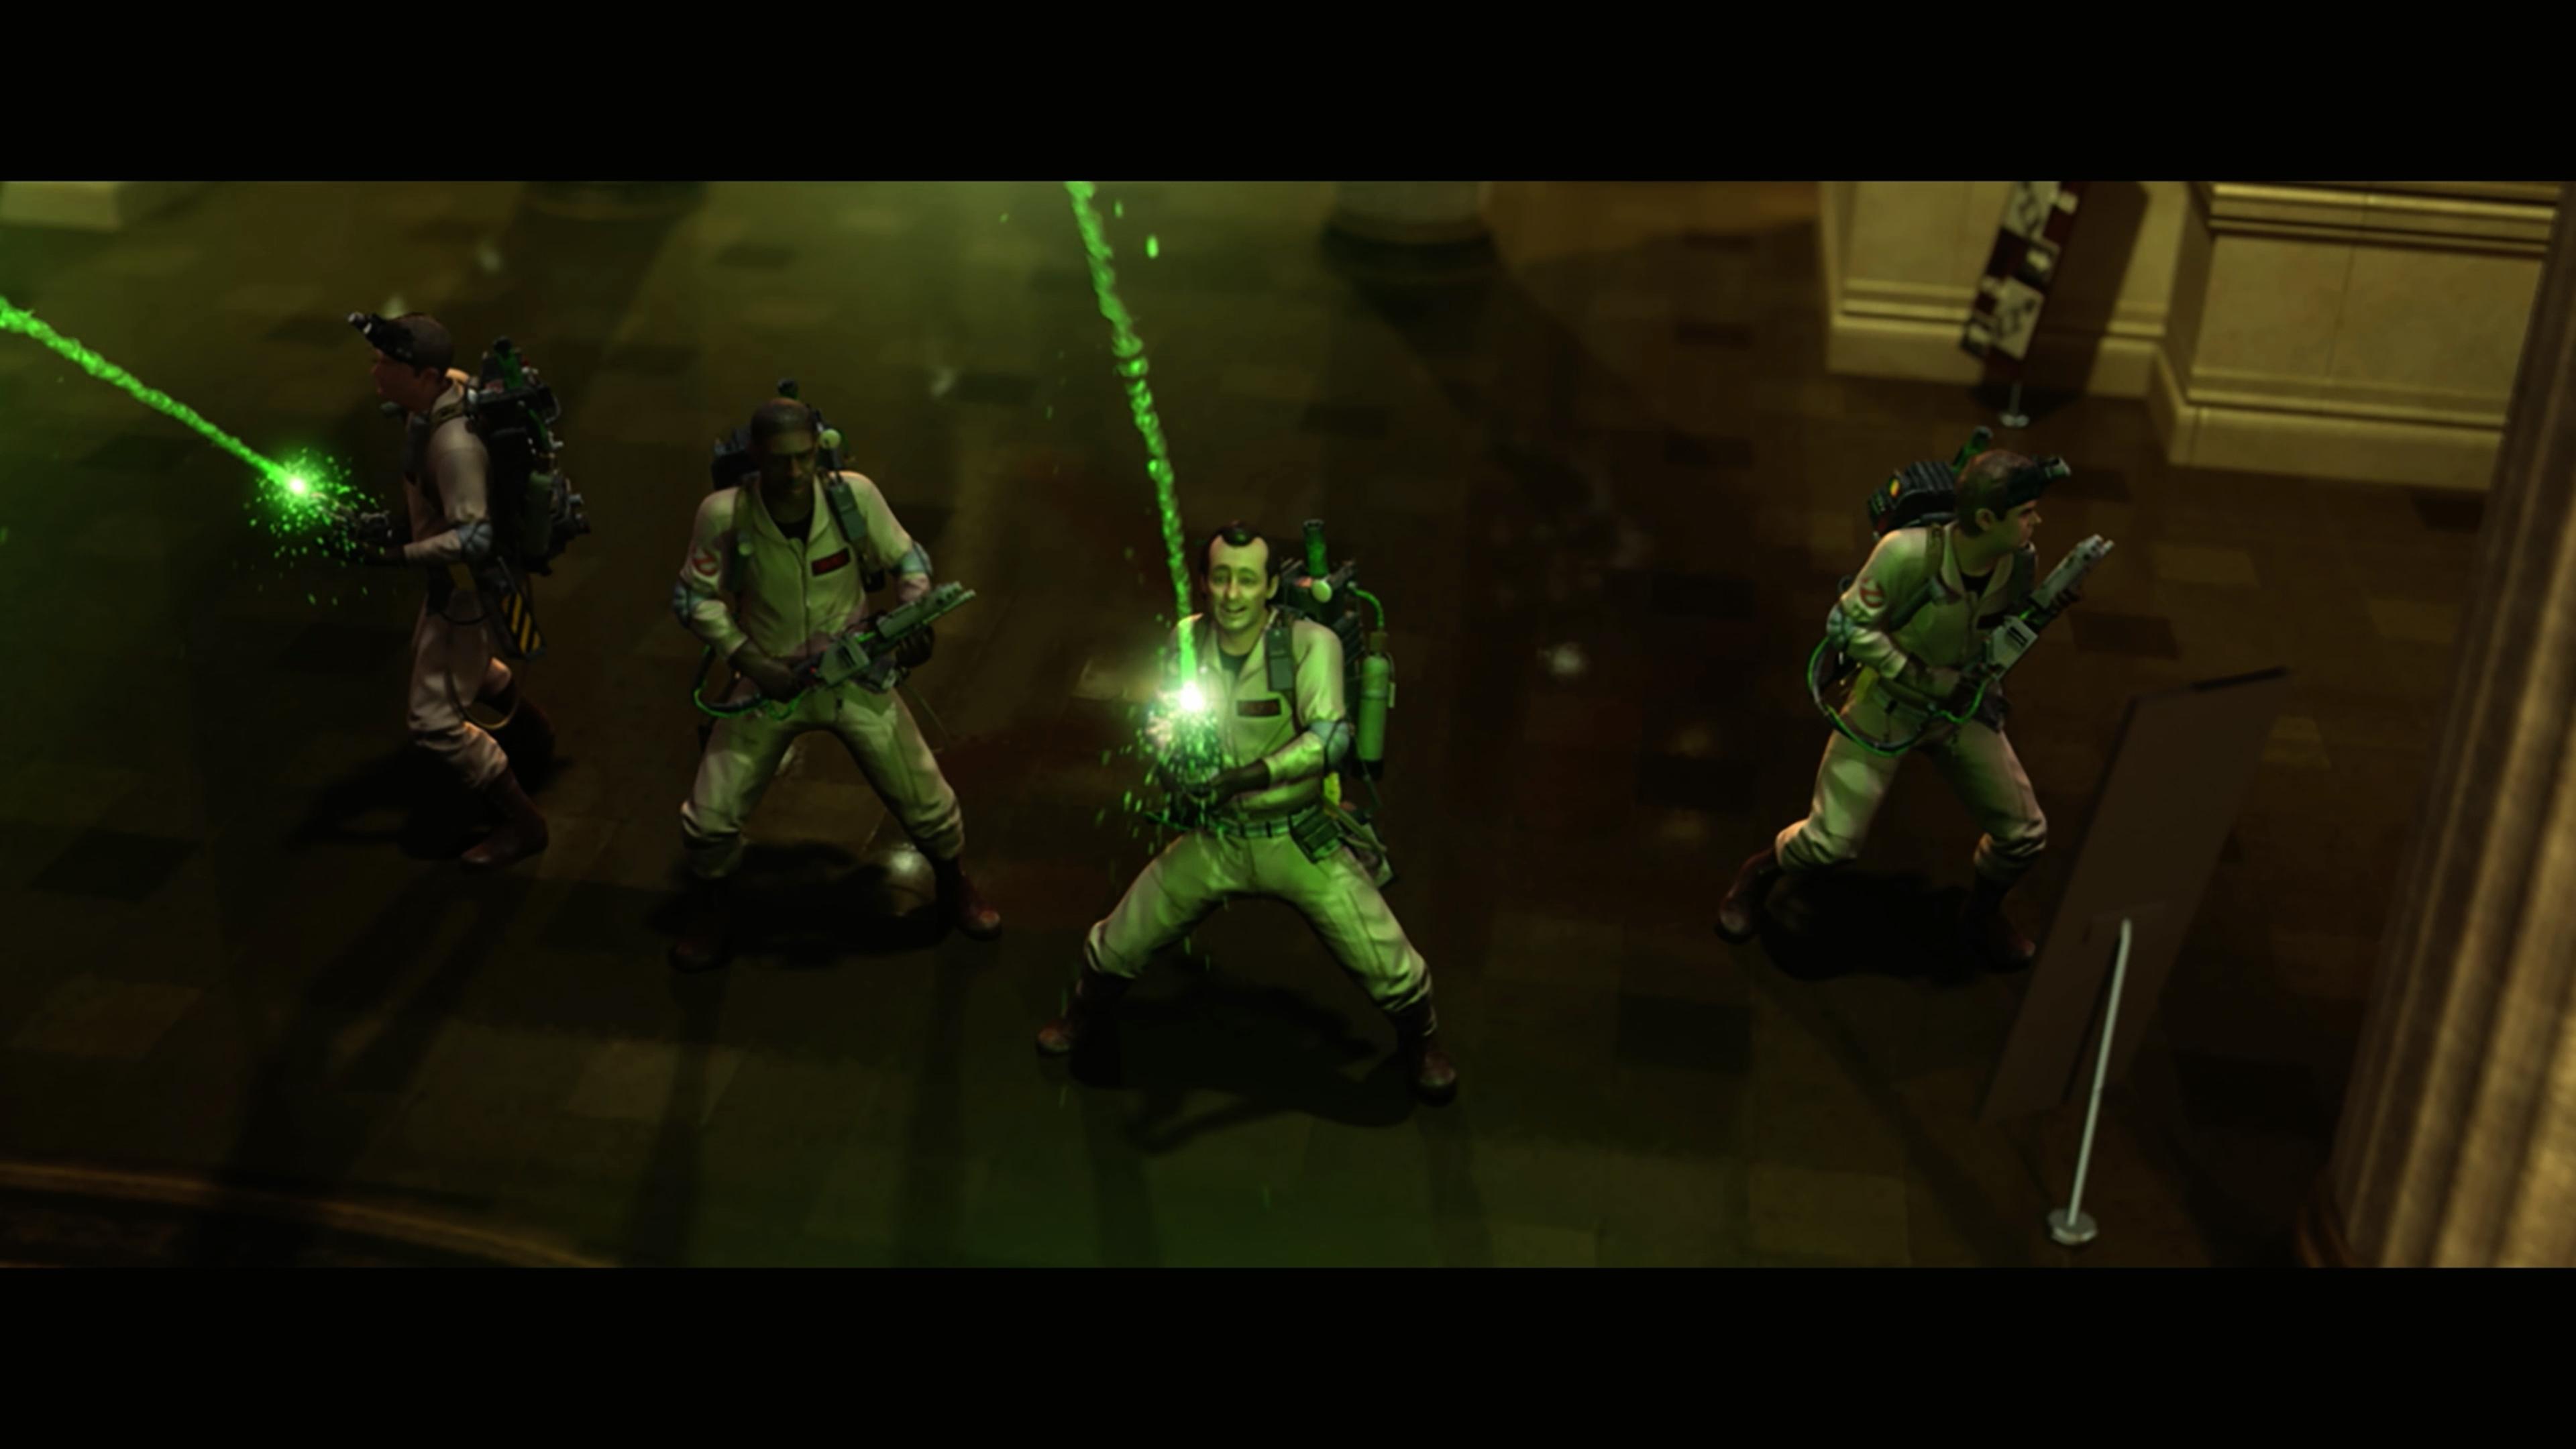 Joignez-vous à Peter, Ray, Egon et Winston dans un jeu qui peut être considéré comme le troisième film de la franchise.